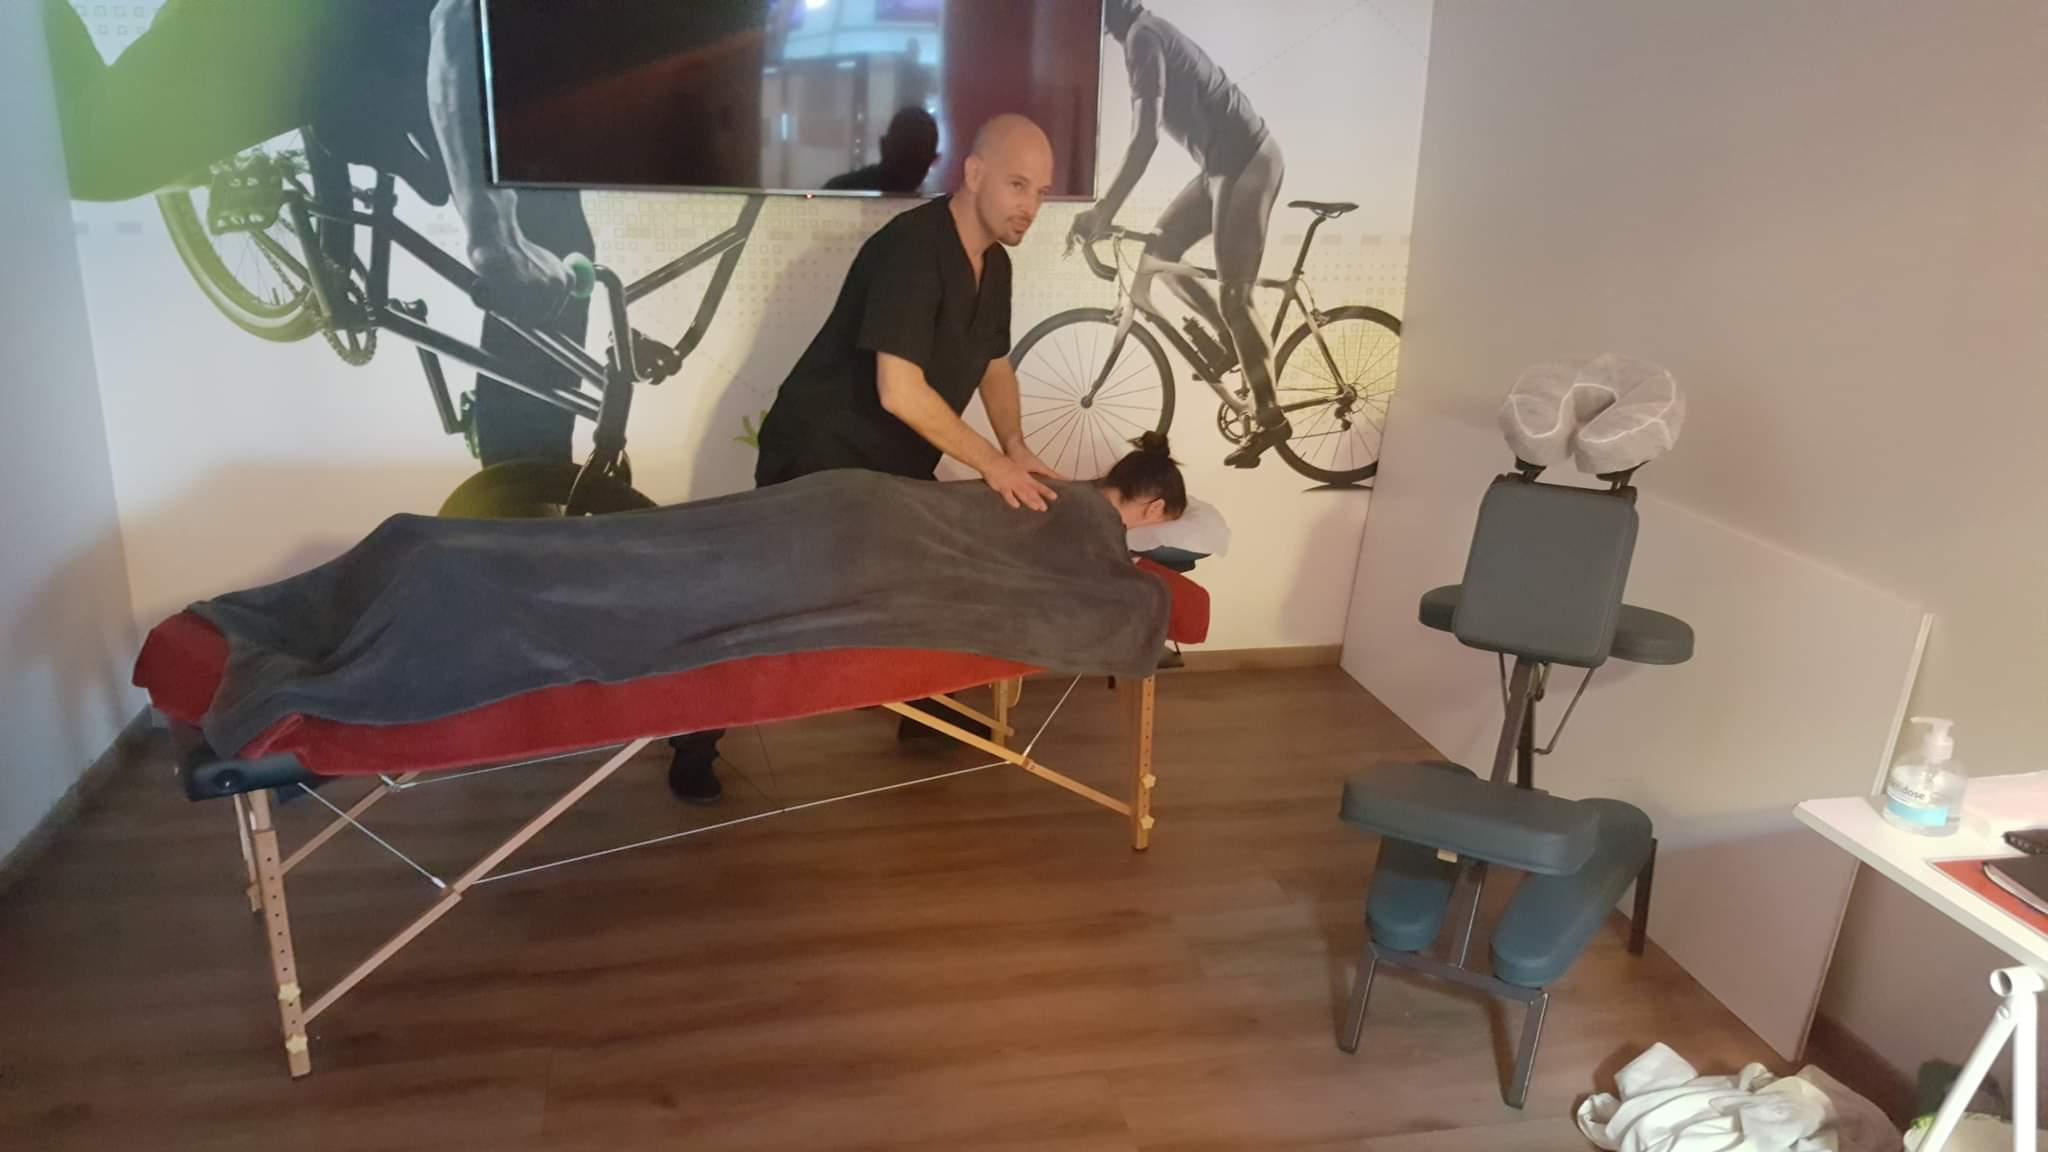 Séance de shiatsu sur table en salle de sport. Keep Cool Arles Fourchon.